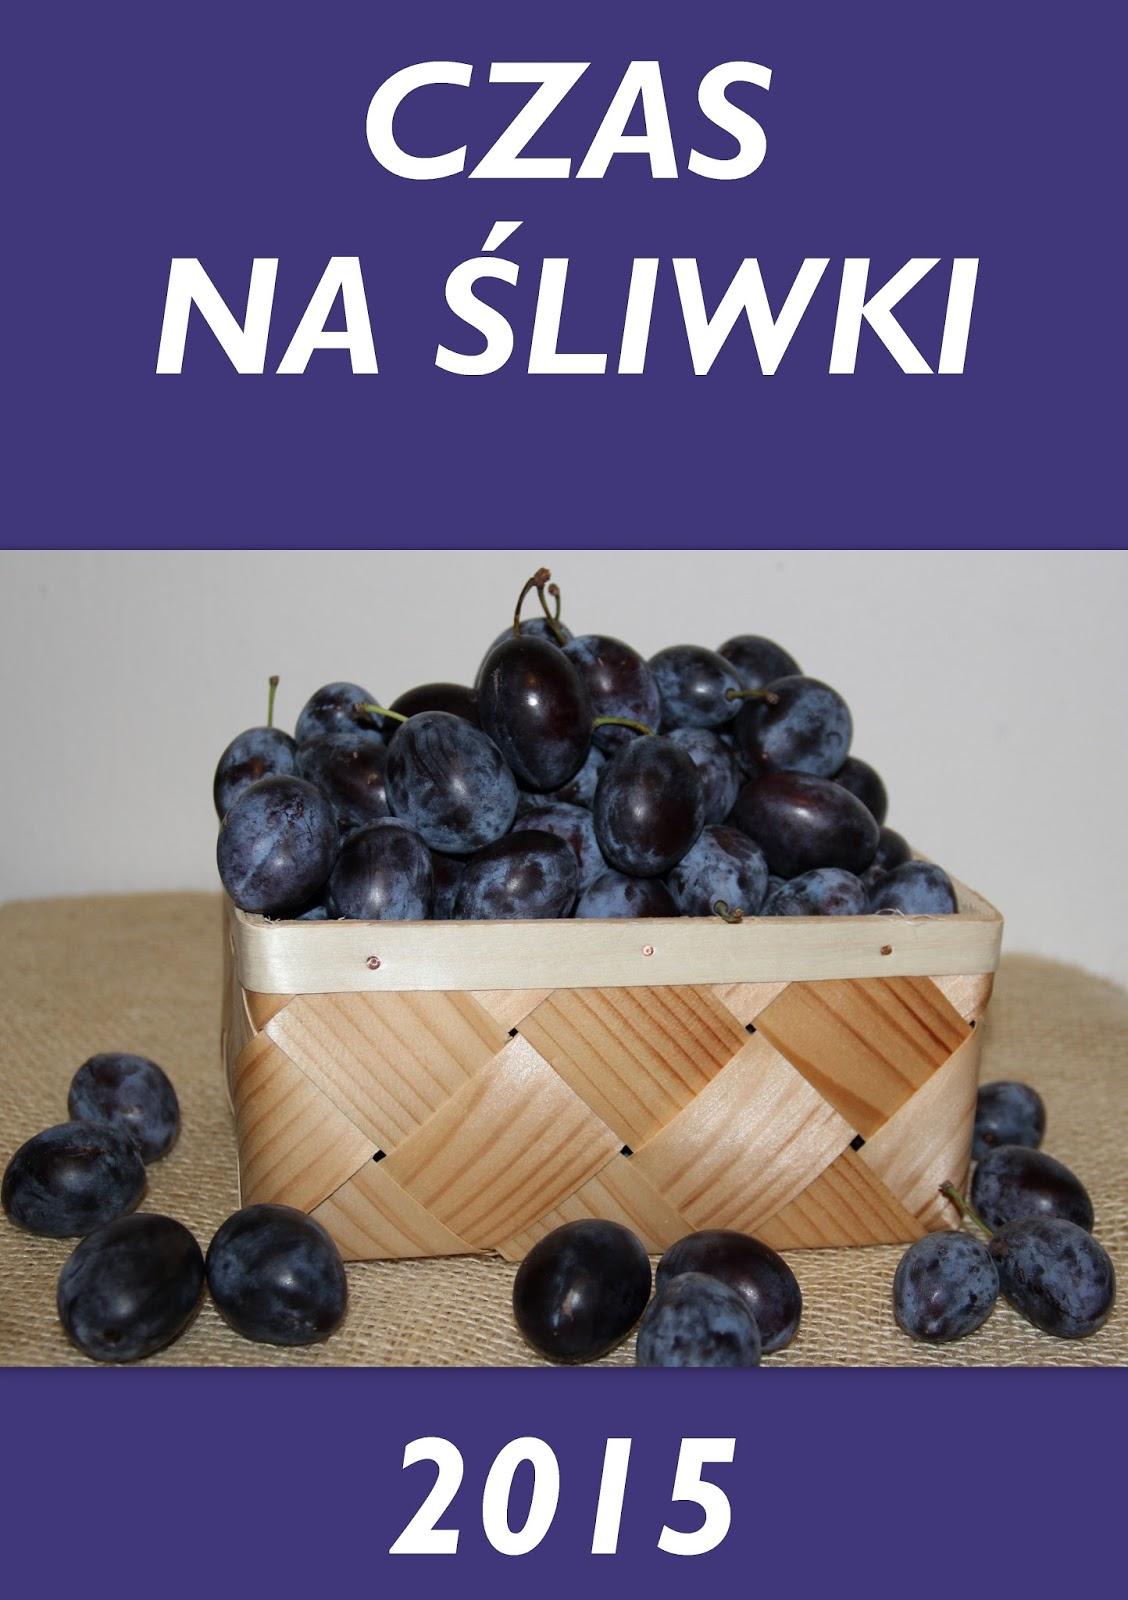 http://weekendywdomuiogrodzie.blogspot.com/2015/09/akcja-czas-na-sliwki-zaproszenie-do.html